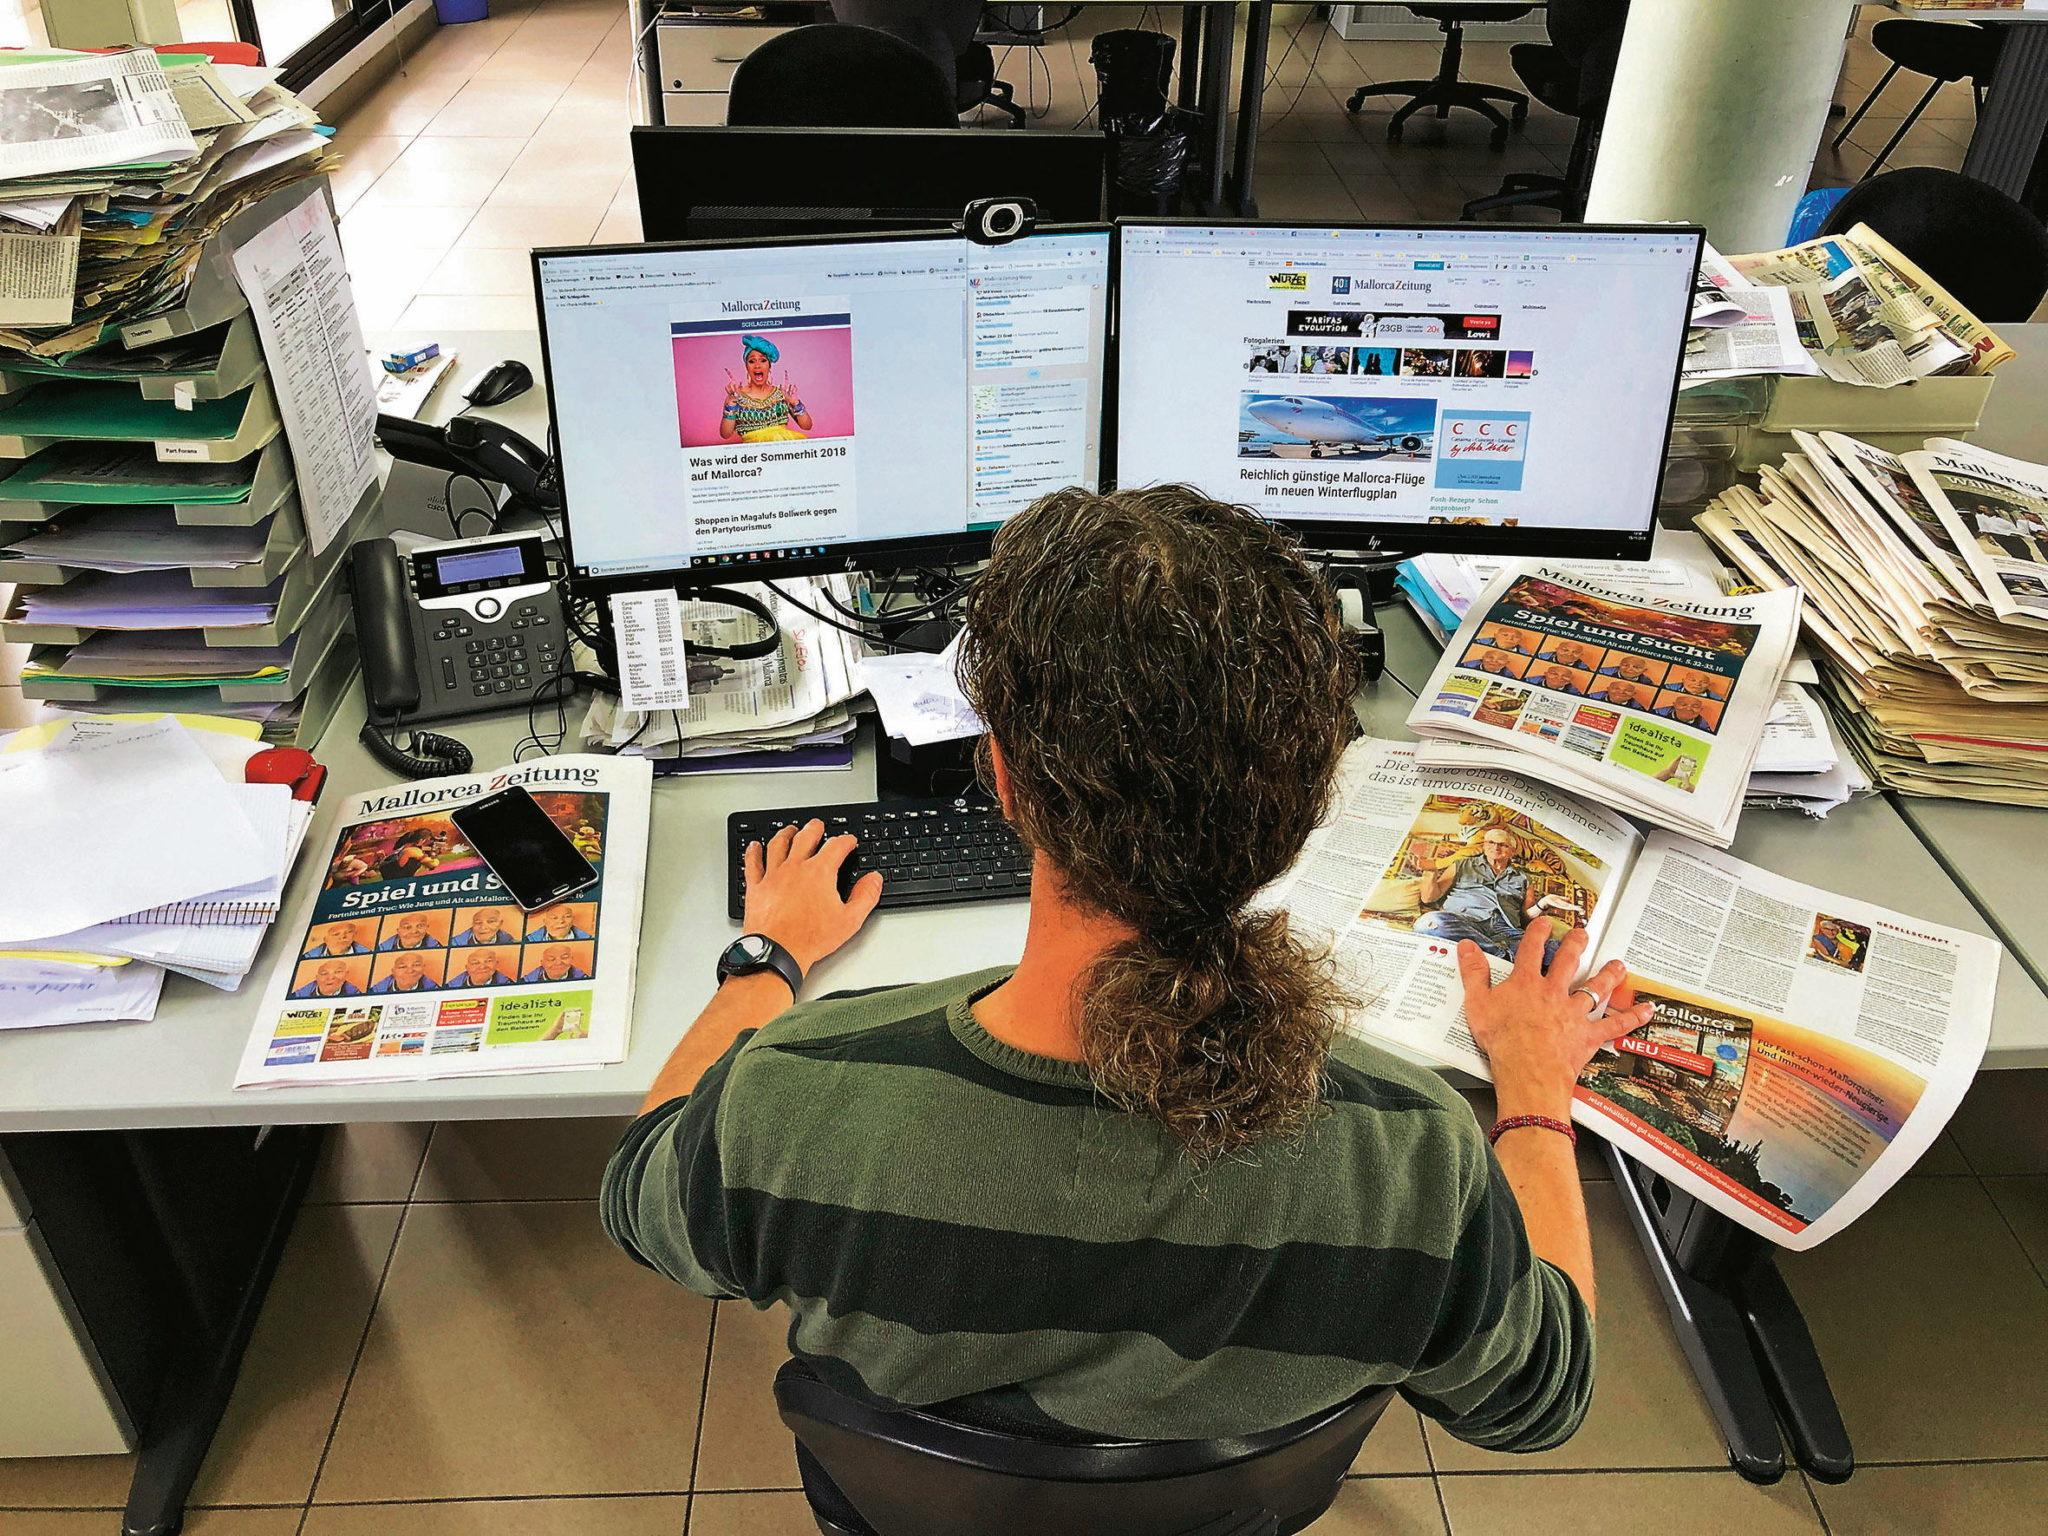 Vize-Chefredakteur und Online-Chef Frank Feldmeier an seinem Arbeitsplatz, von Bildschirmen gesäumt